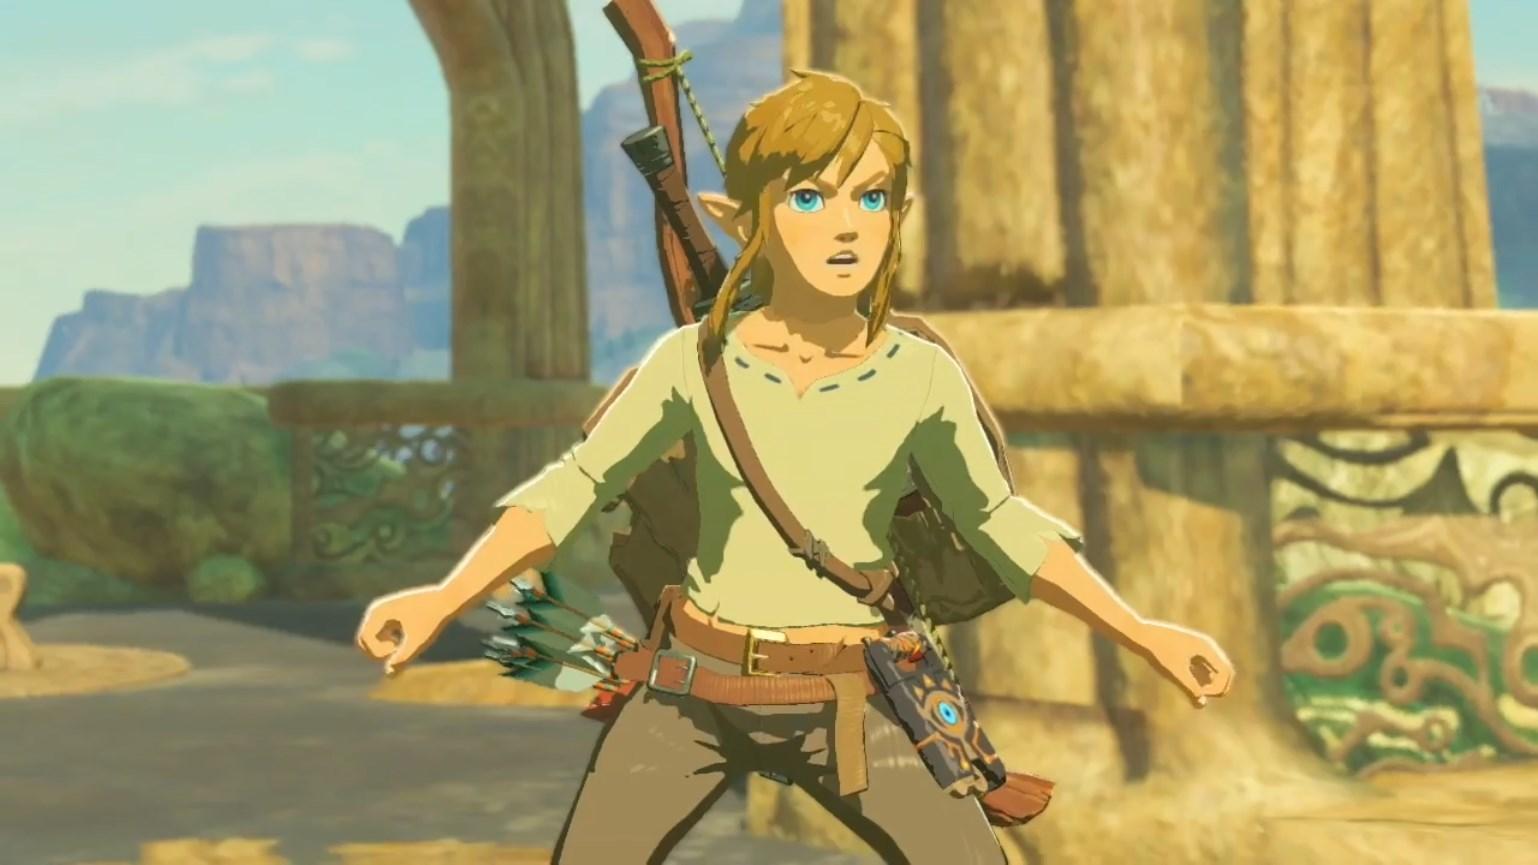 Zelda - Breath of the Wild